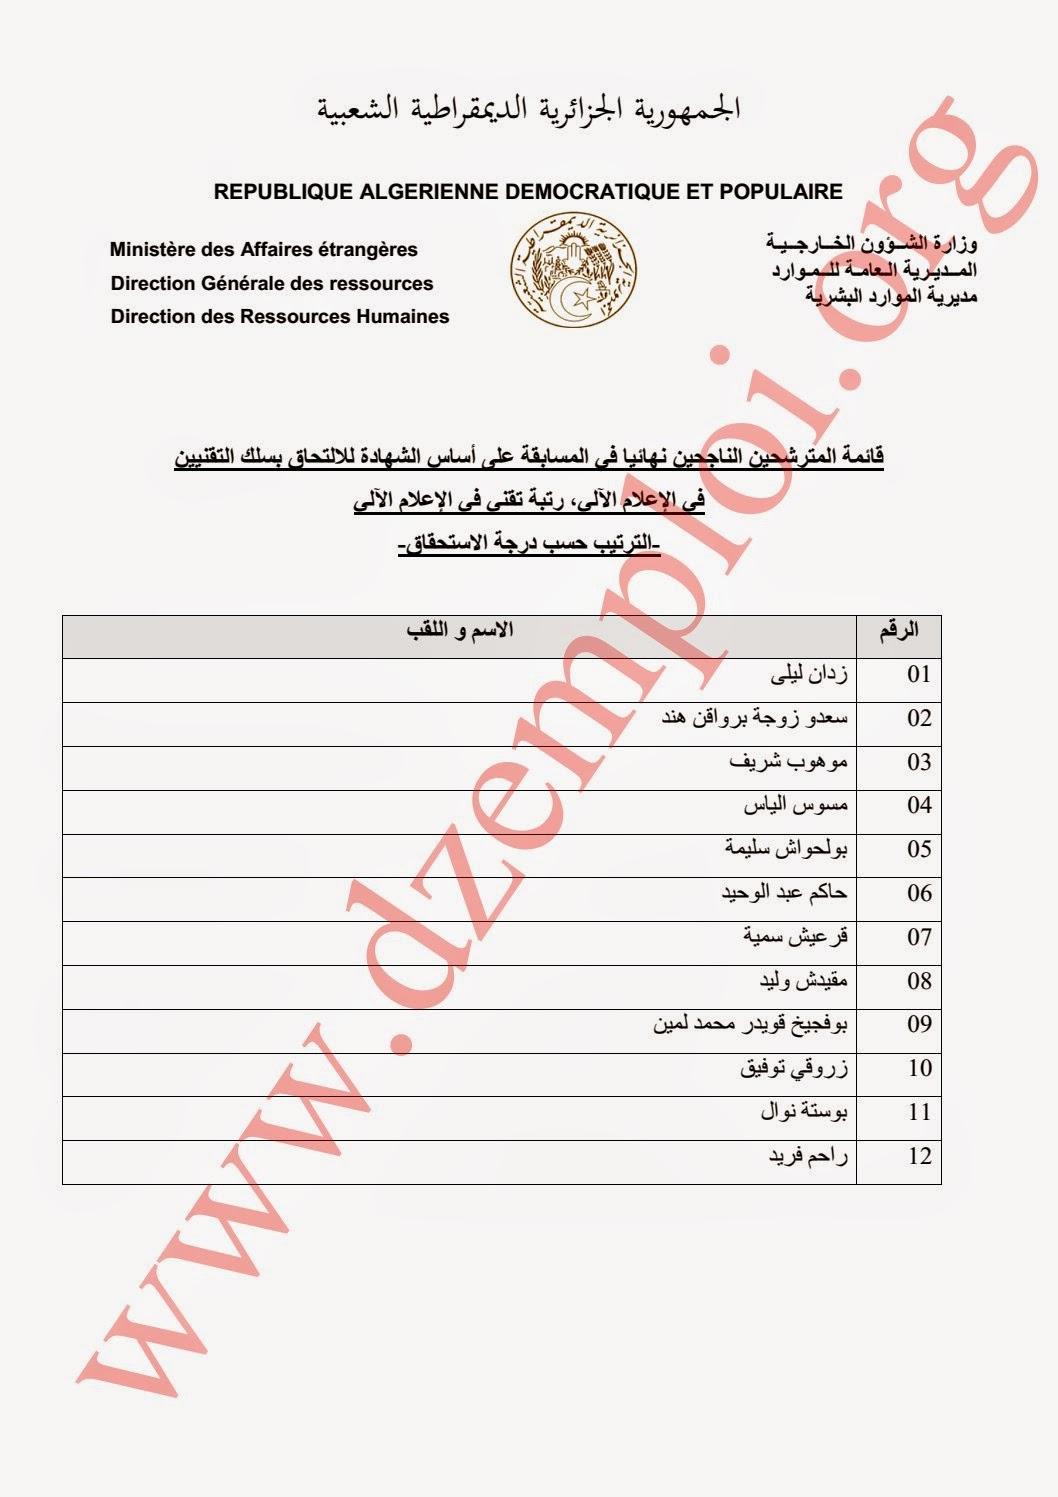 قائمة المترشحين الناجحين نهائيا في مسابقة وزارة الخارجية الخاصة برتب الأسلاك المشتركة 2014 6.jpg